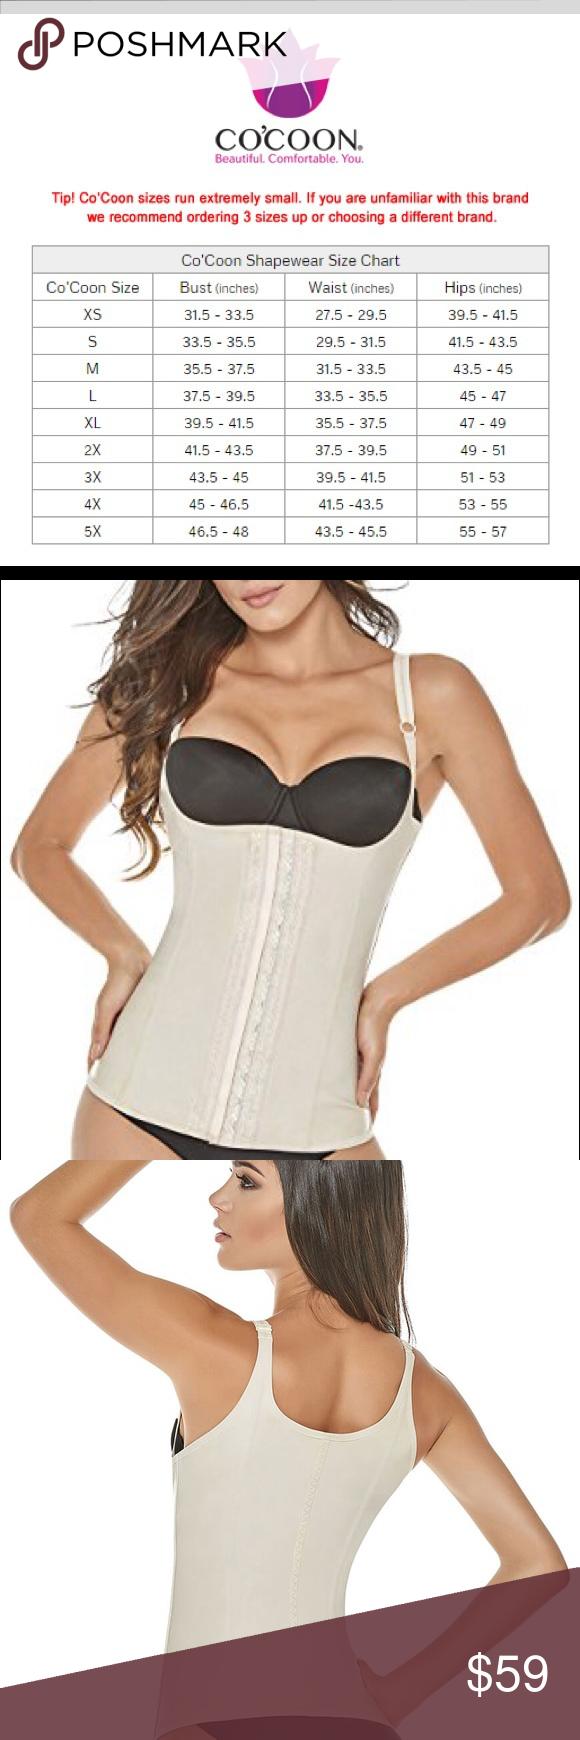 7cce5fc80ad62 Plus Size 5XL Anti-Allergy Latex Waist Trainer This a Cocoon Rubberflex waist  trainer vest. Color is beige. It s plus size 5XL.